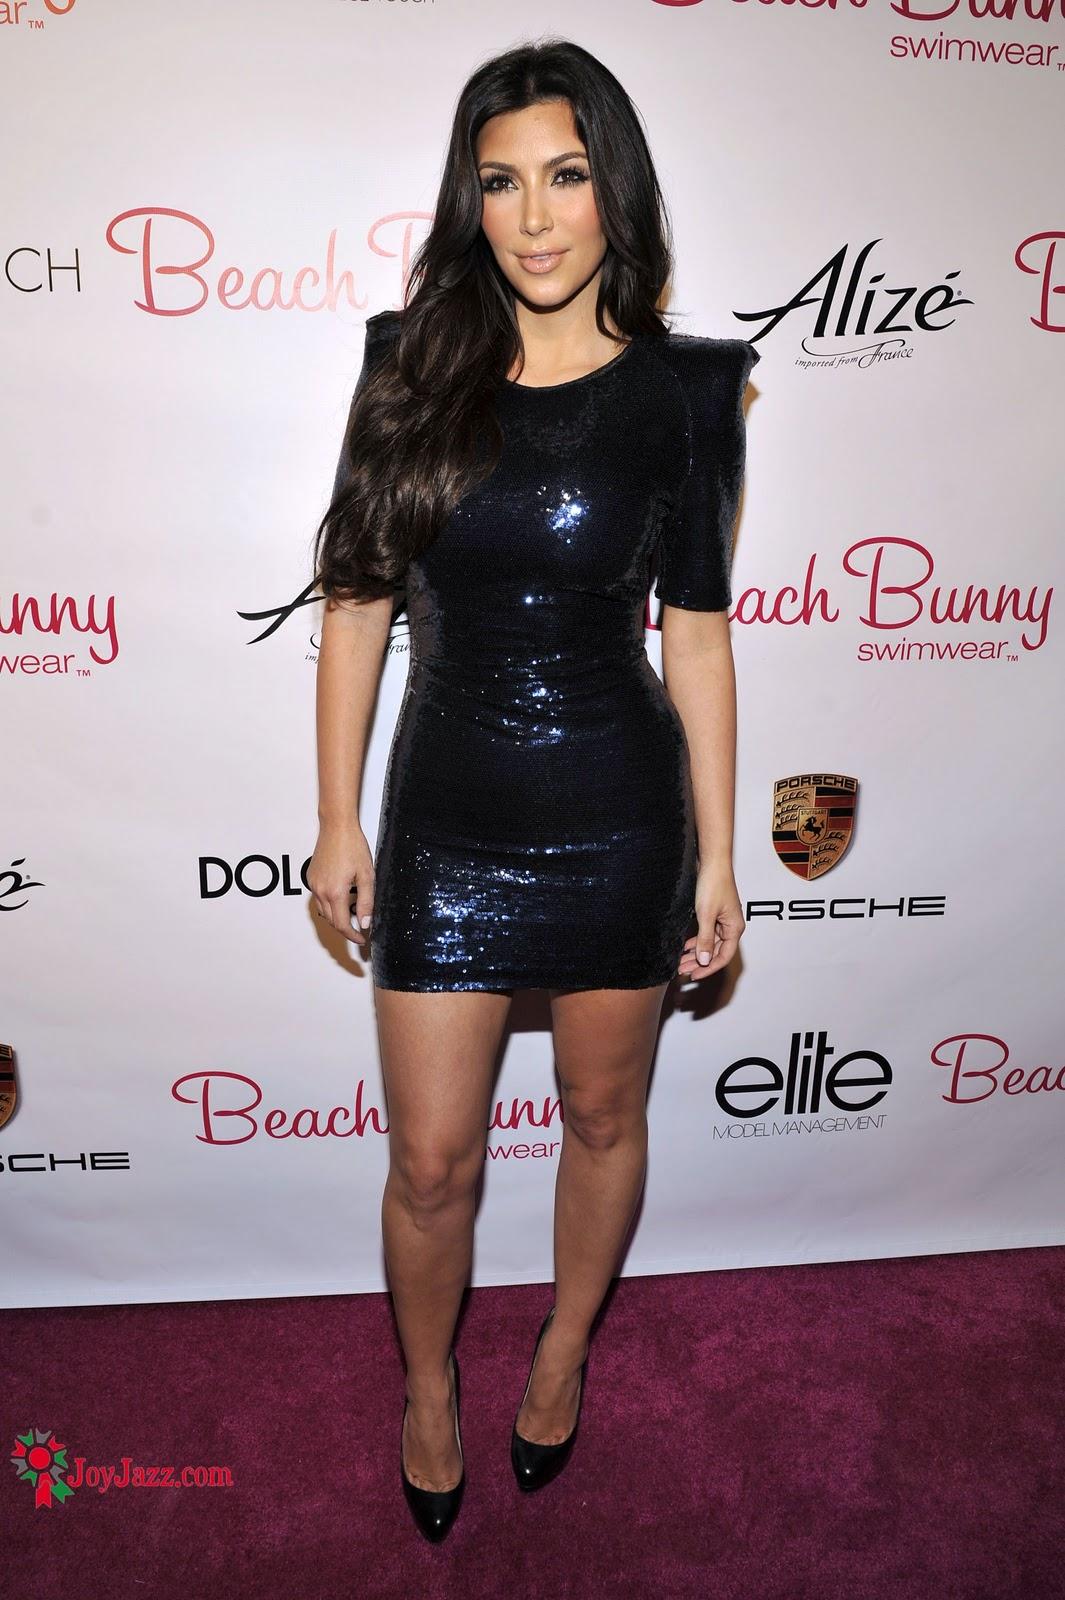 http://3.bp.blogspot.com/_0LdSrYkvVVk/TOI5YYbIXVI/AAAAAAAAAq8/Oh5zBgHHtu0/s1600/86911_kim_kardashian_10_122_541lo.jpg